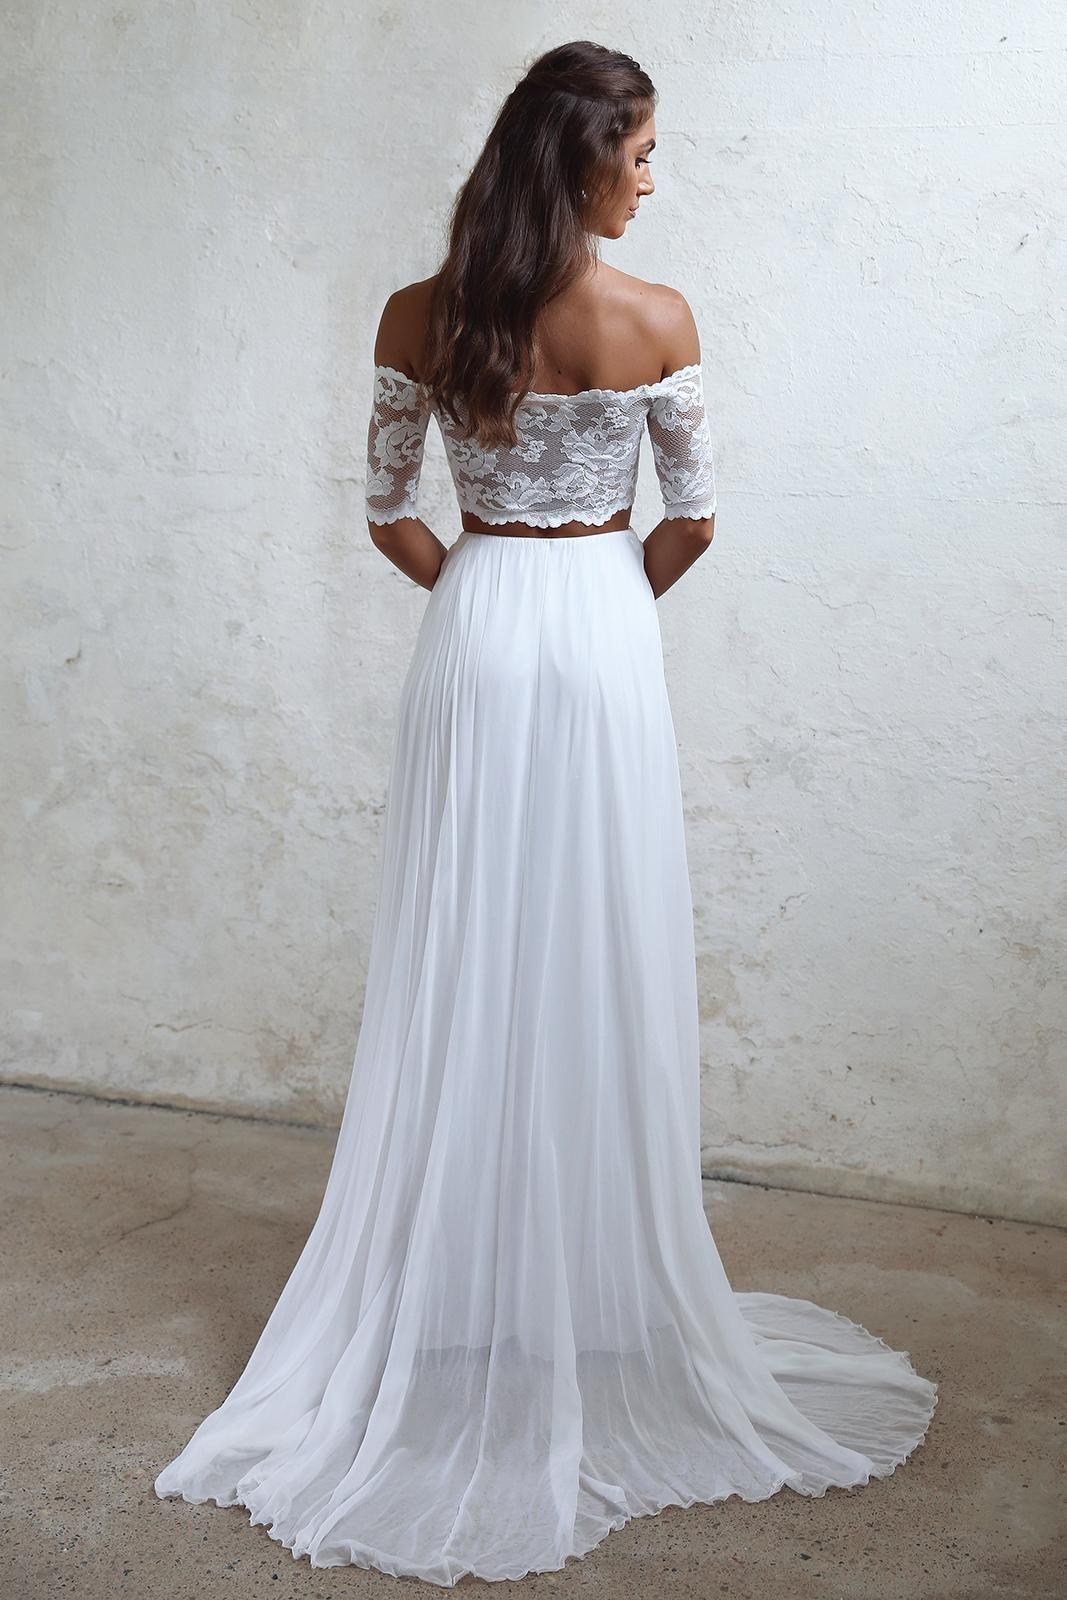 Long wedding dress lace wedding dress chiffon bridal dress off